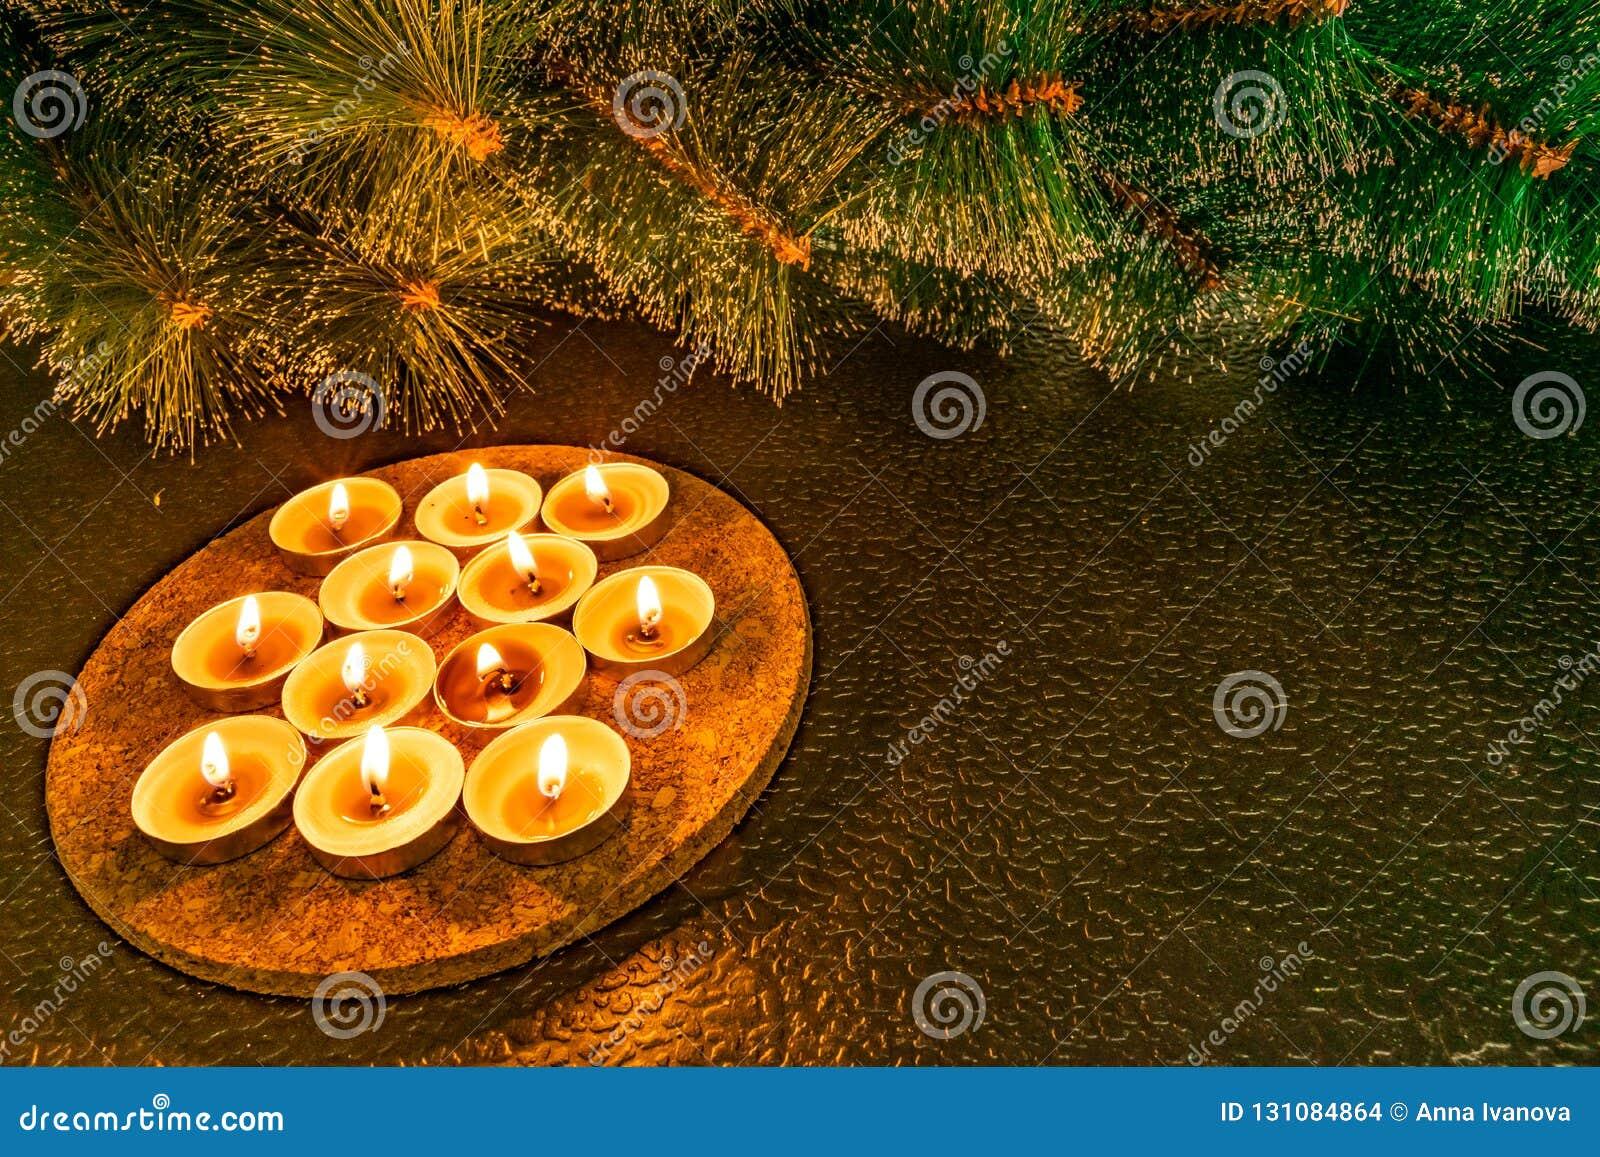 Año Nuevo y la Navidad, pino artificial verde en un fondo negro teniendo en cuenta velas de la cera Tactos acogedores calientes a